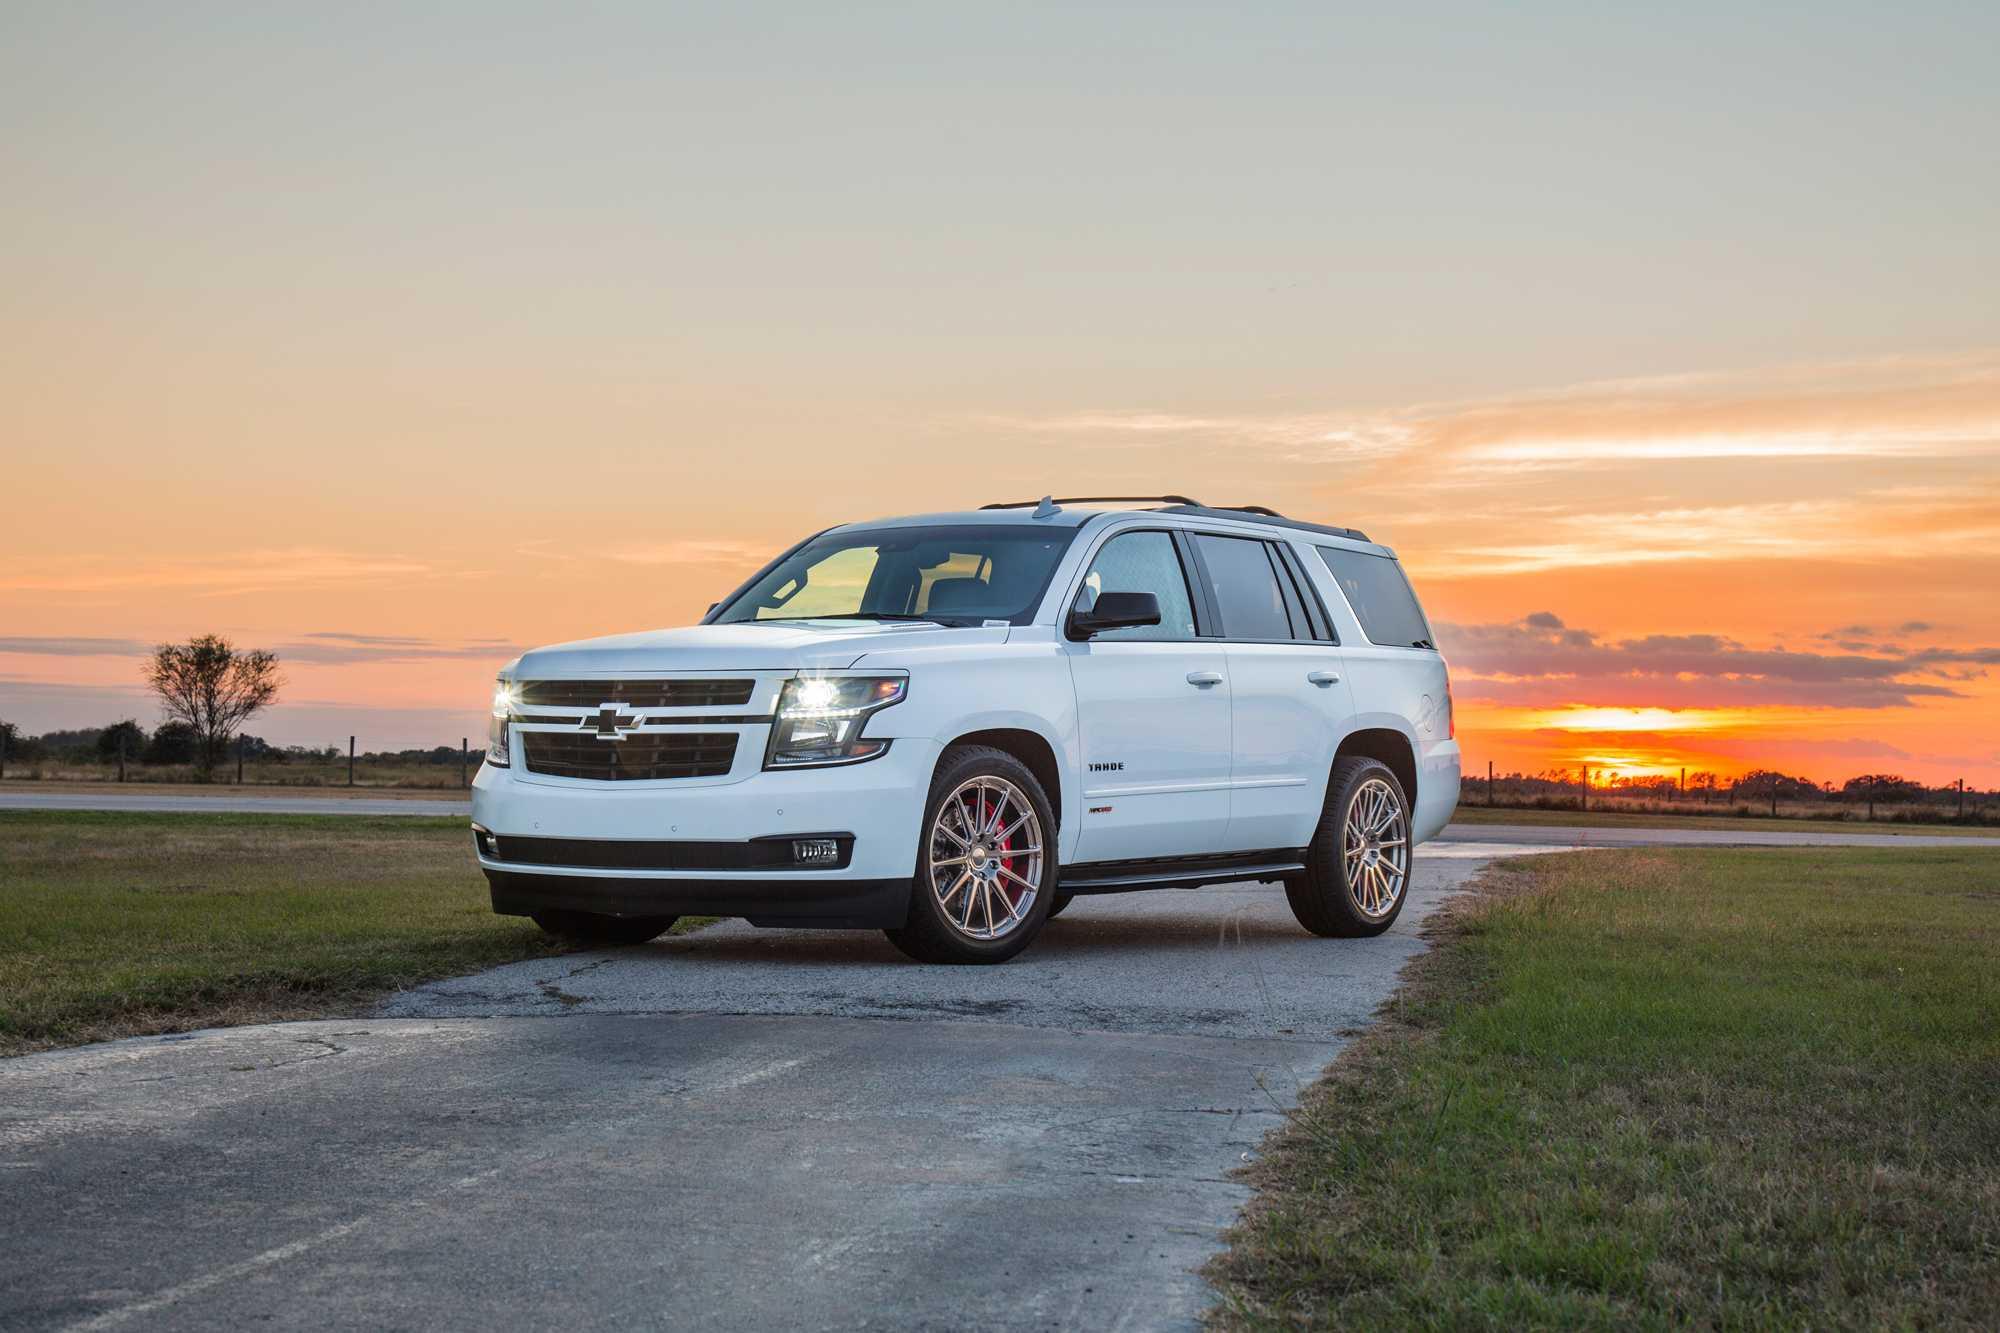 Chevrolet tahoe 2020 года — улучшенная версия популярного 7-местного внедорожника с пневмоподвеской и премиальным оснащением